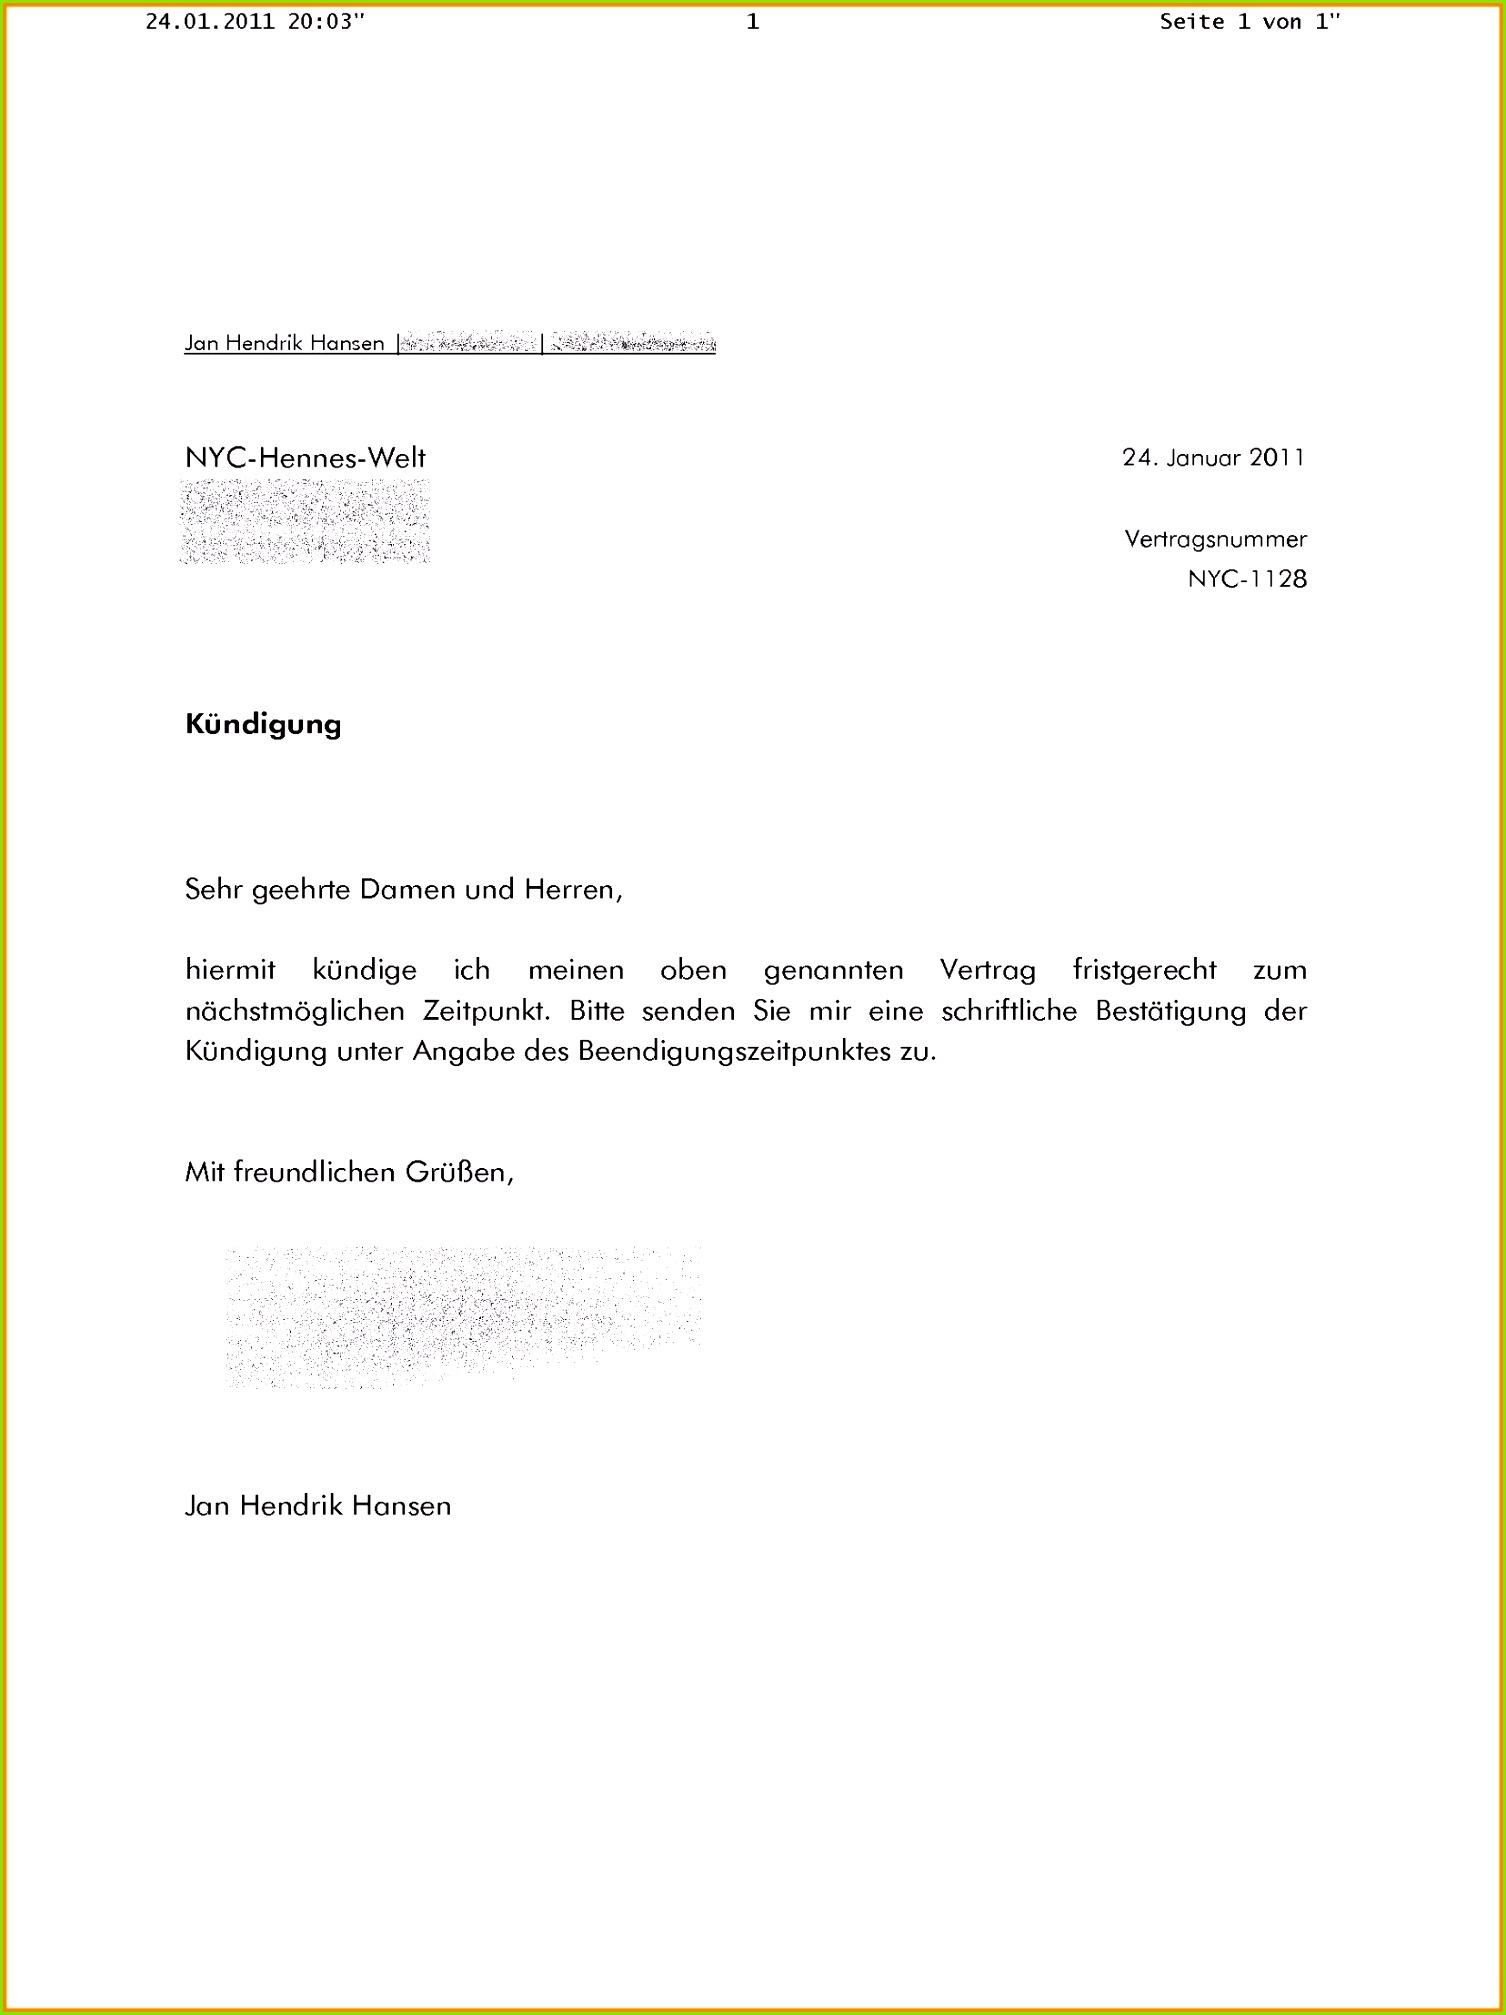 Fein Fitnessstudio Mitgliedschaft Vorlage Ideen Anamnesebogen Fitness Vorlage Word – WordDE Kundigung Wegen Umzug